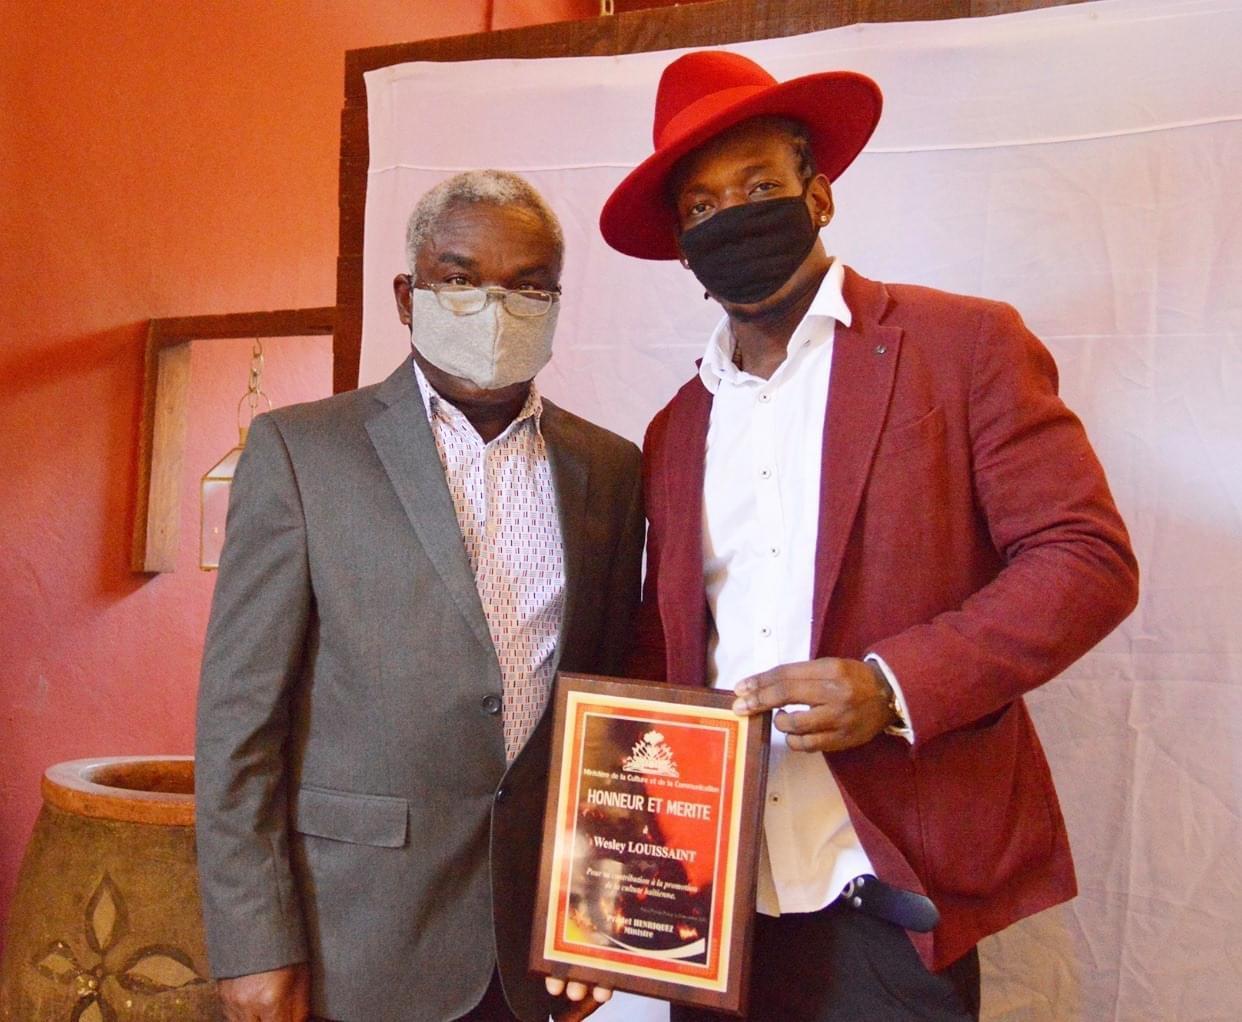 Haïti-Culture: Le ministre de la culture et de la communication rend hommage à l'artiste,Wesly LOUISSAINT